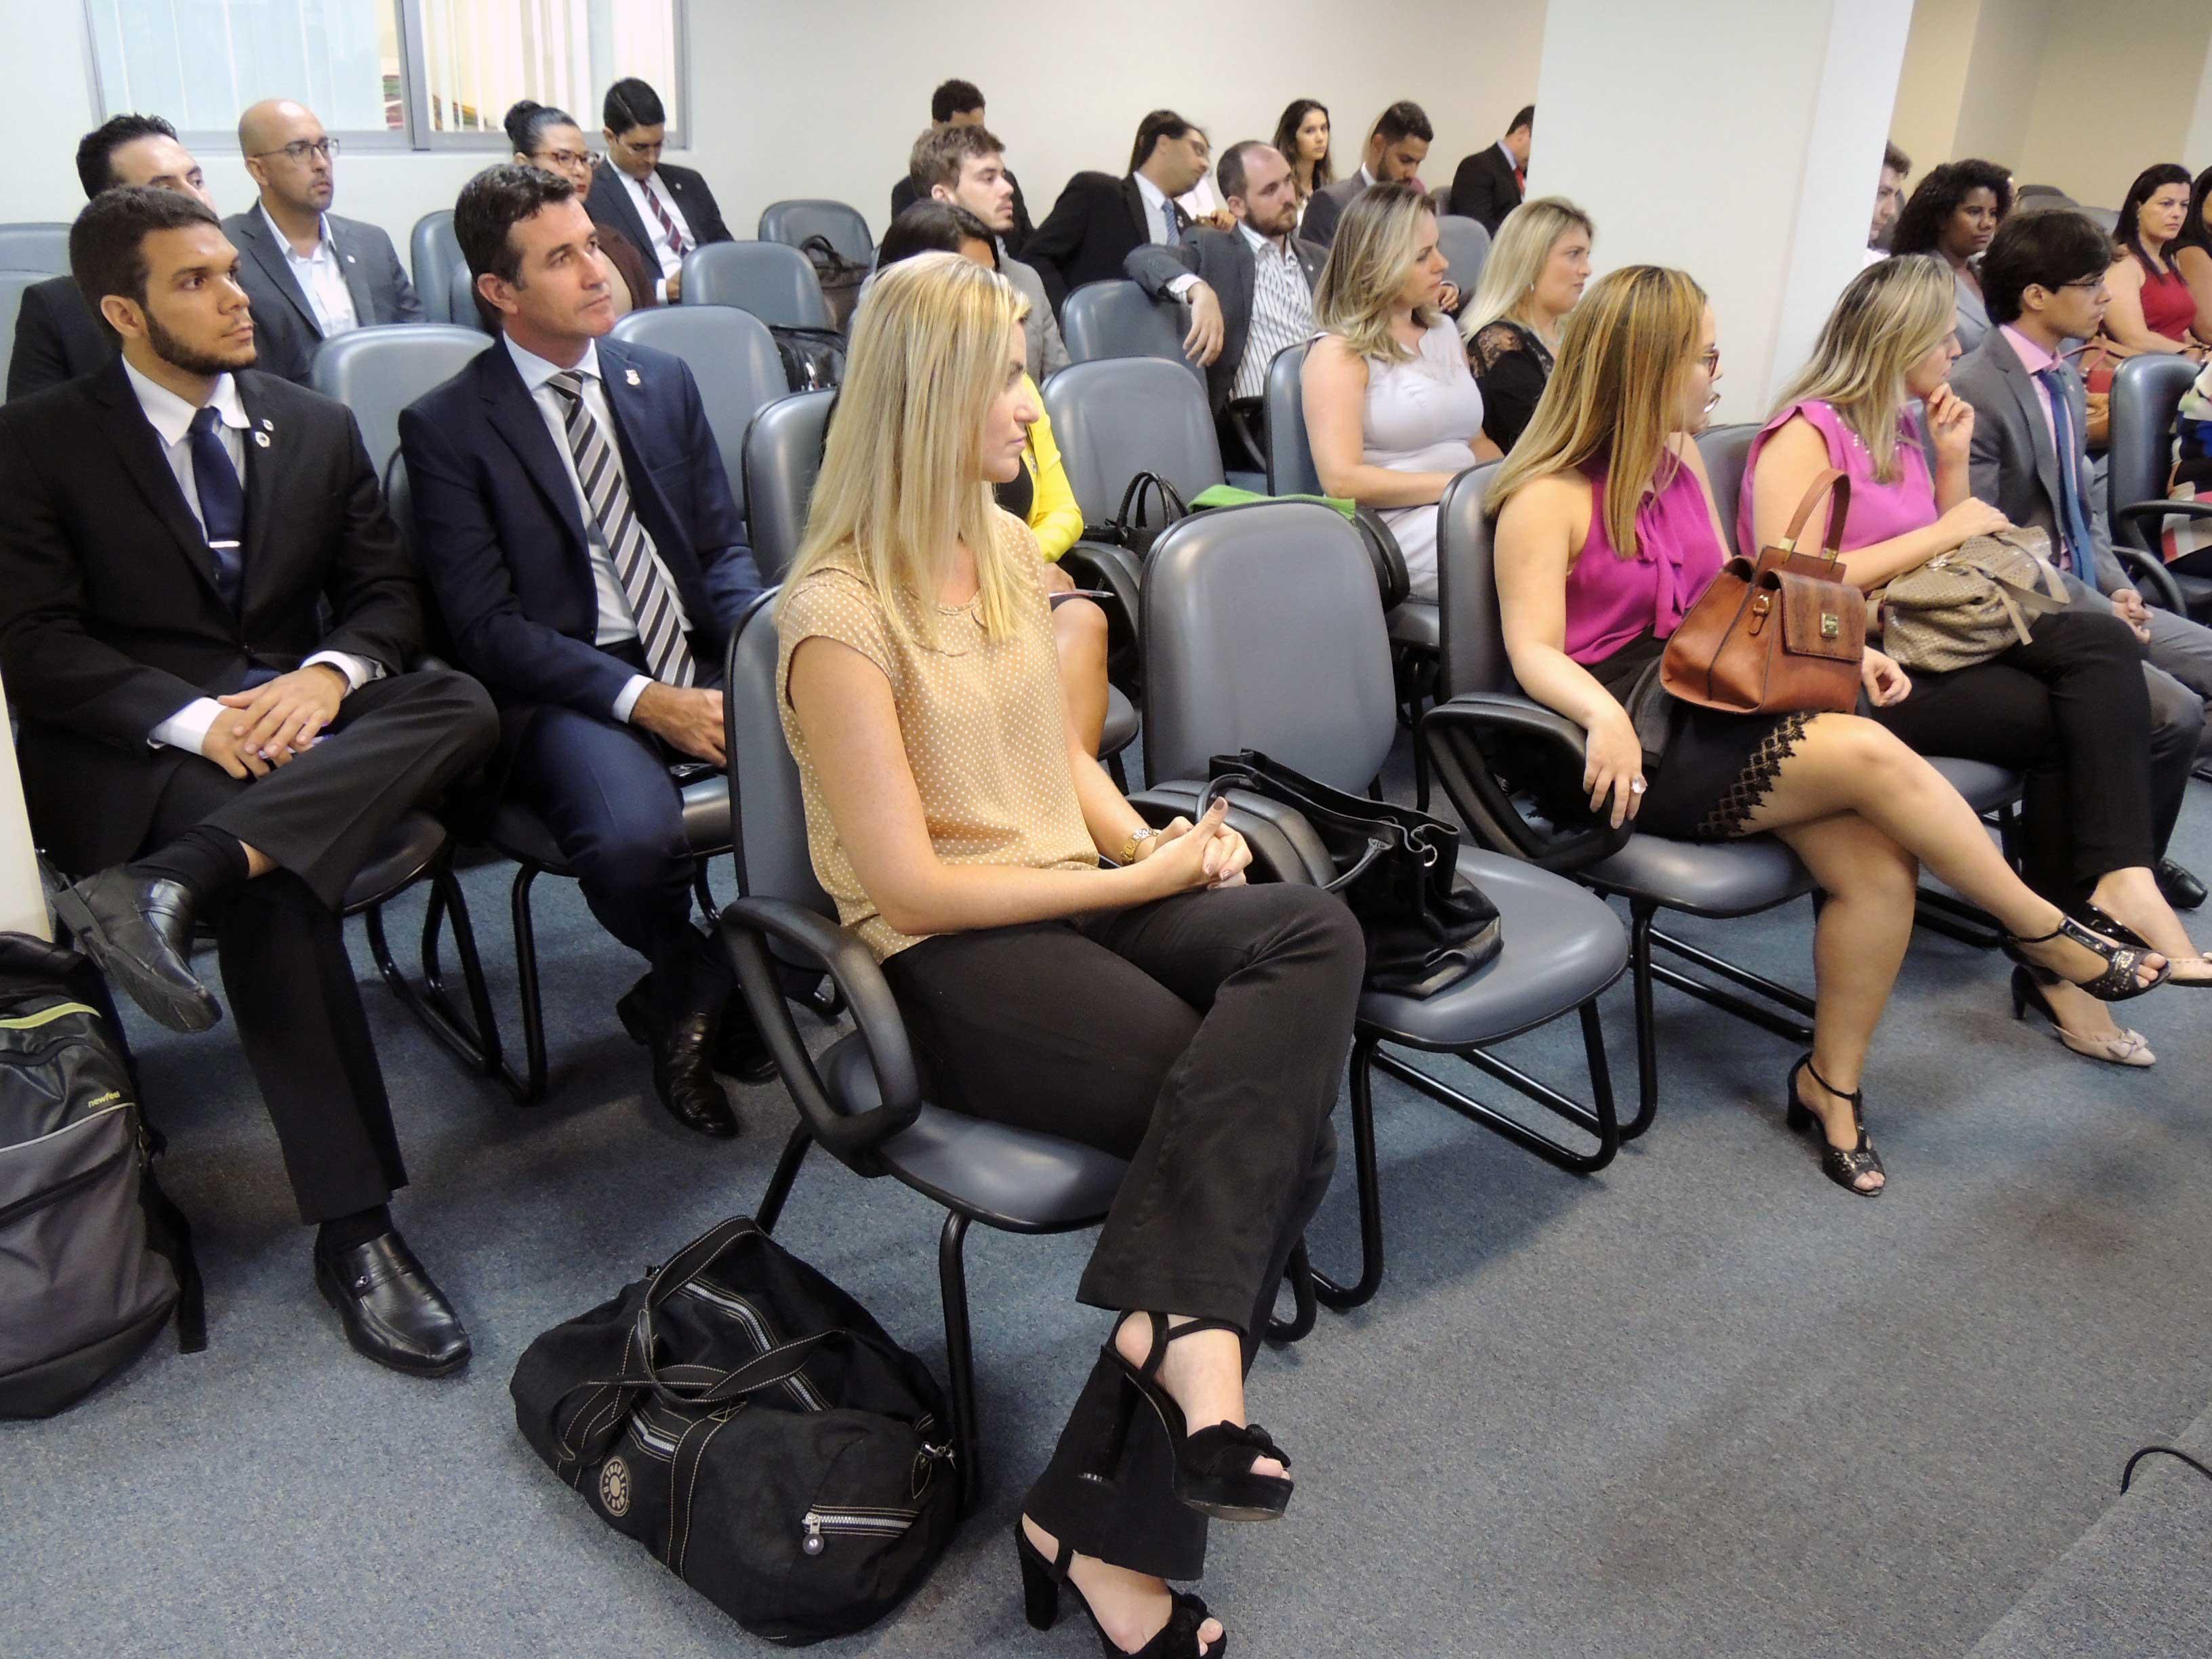 Reunião da CEAIC contou com grande número de pessoas. Foto: Divulgação.